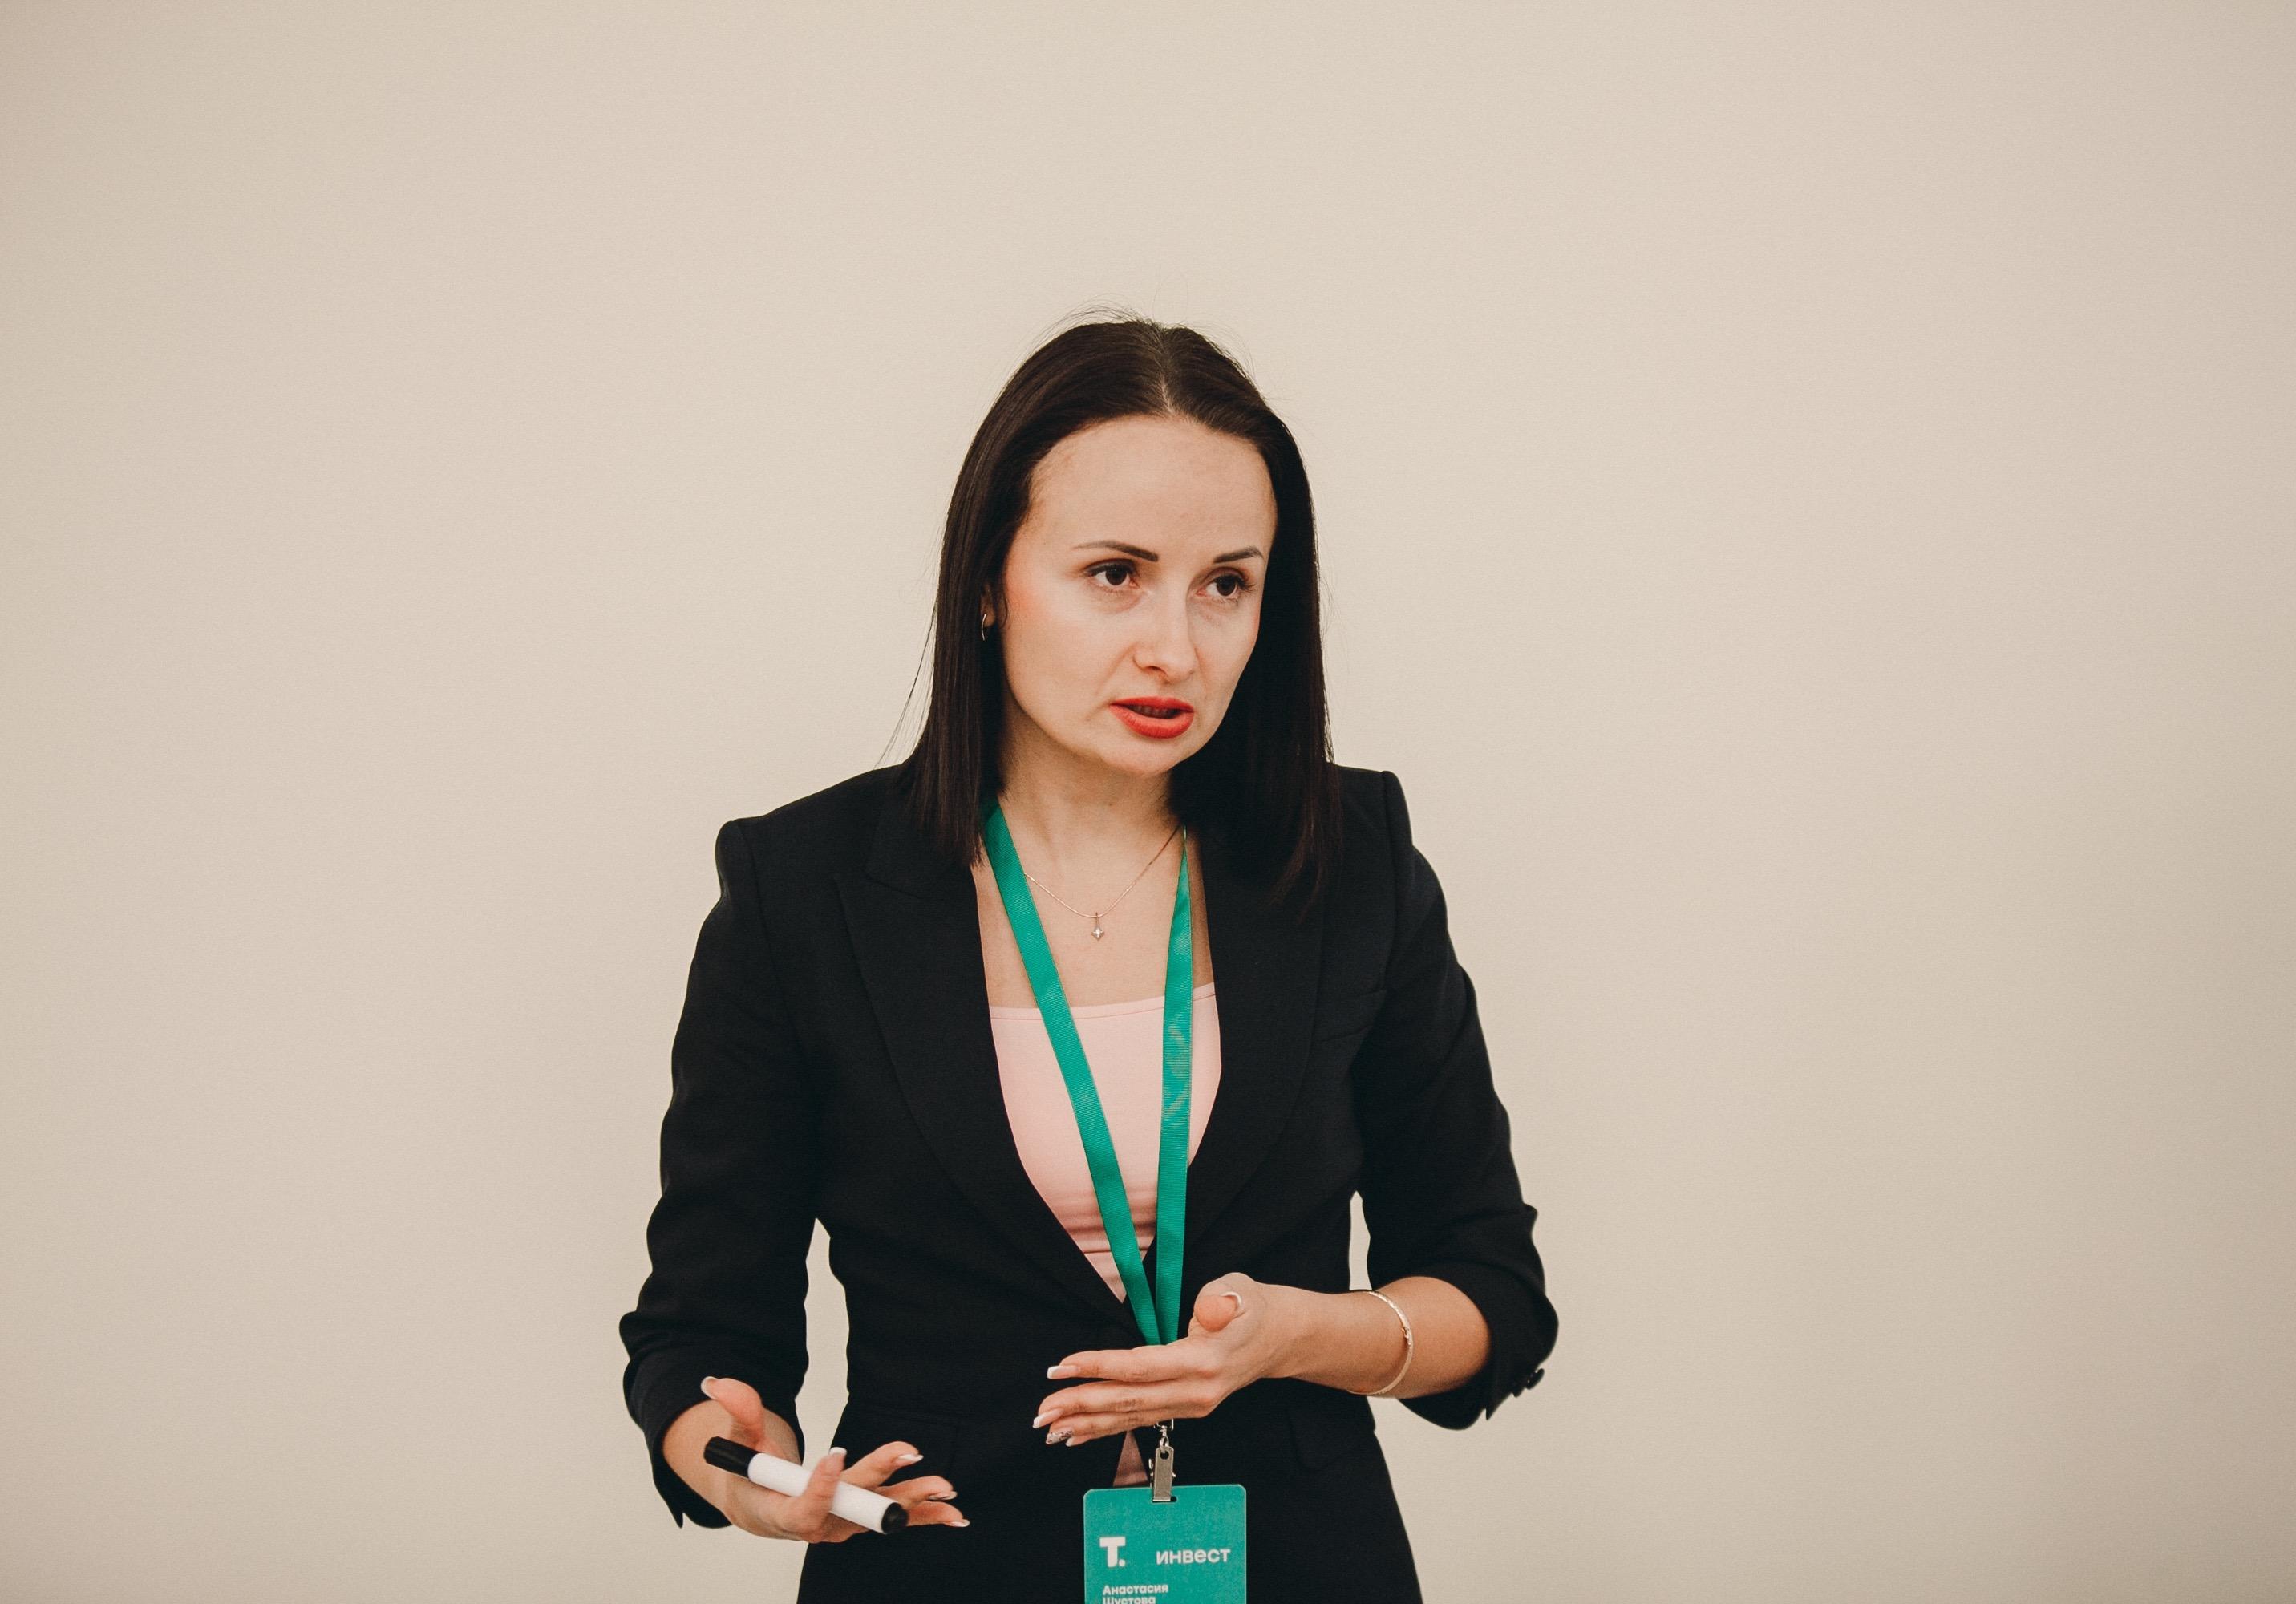 Руководитель             направления по работе с инвесторами «Талан»,             сертифицированный эксперт финансового рынка Анастасия             Шустова